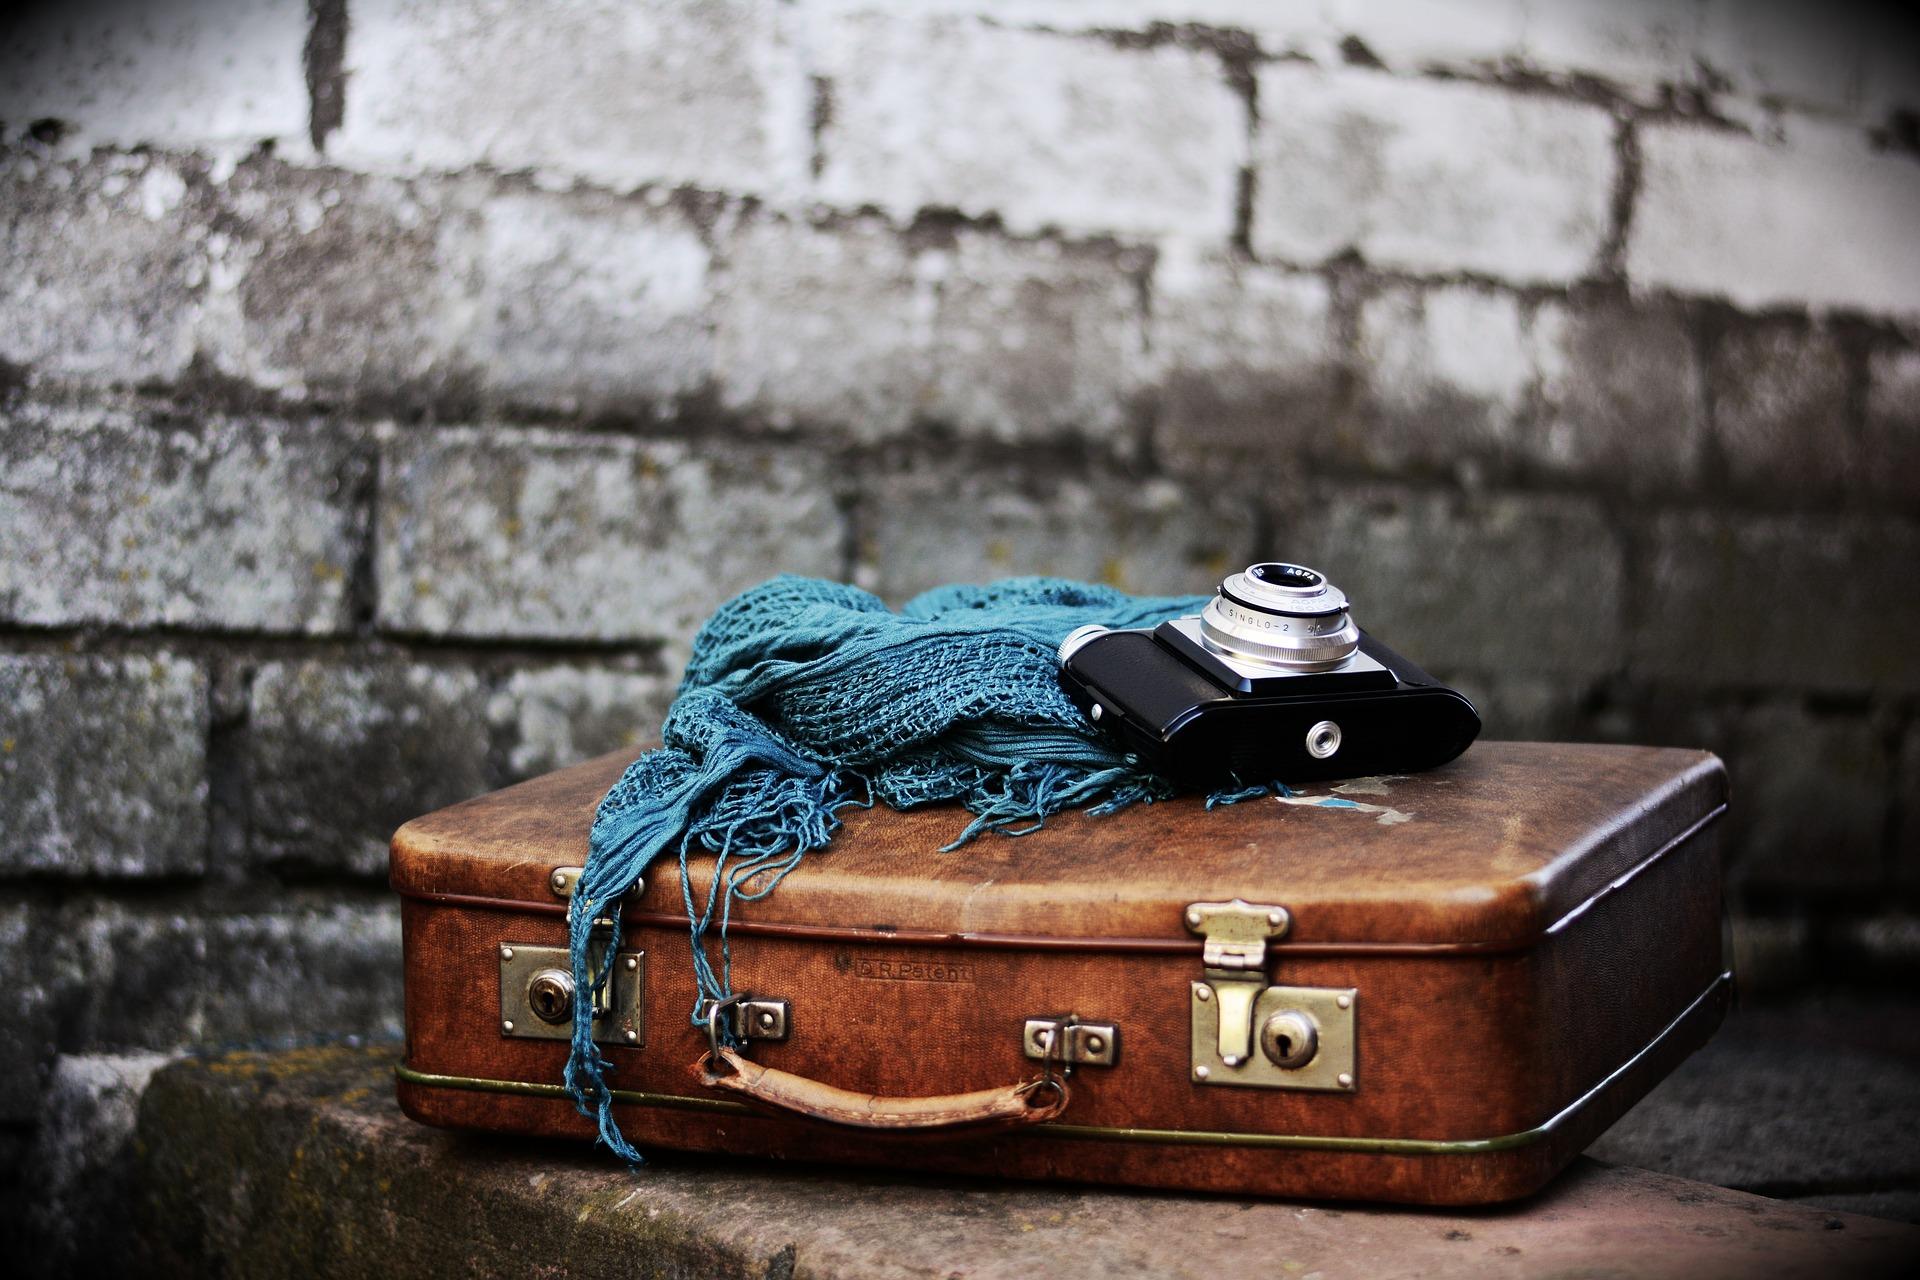 Ich packe meinen Koffer  – aber wie?